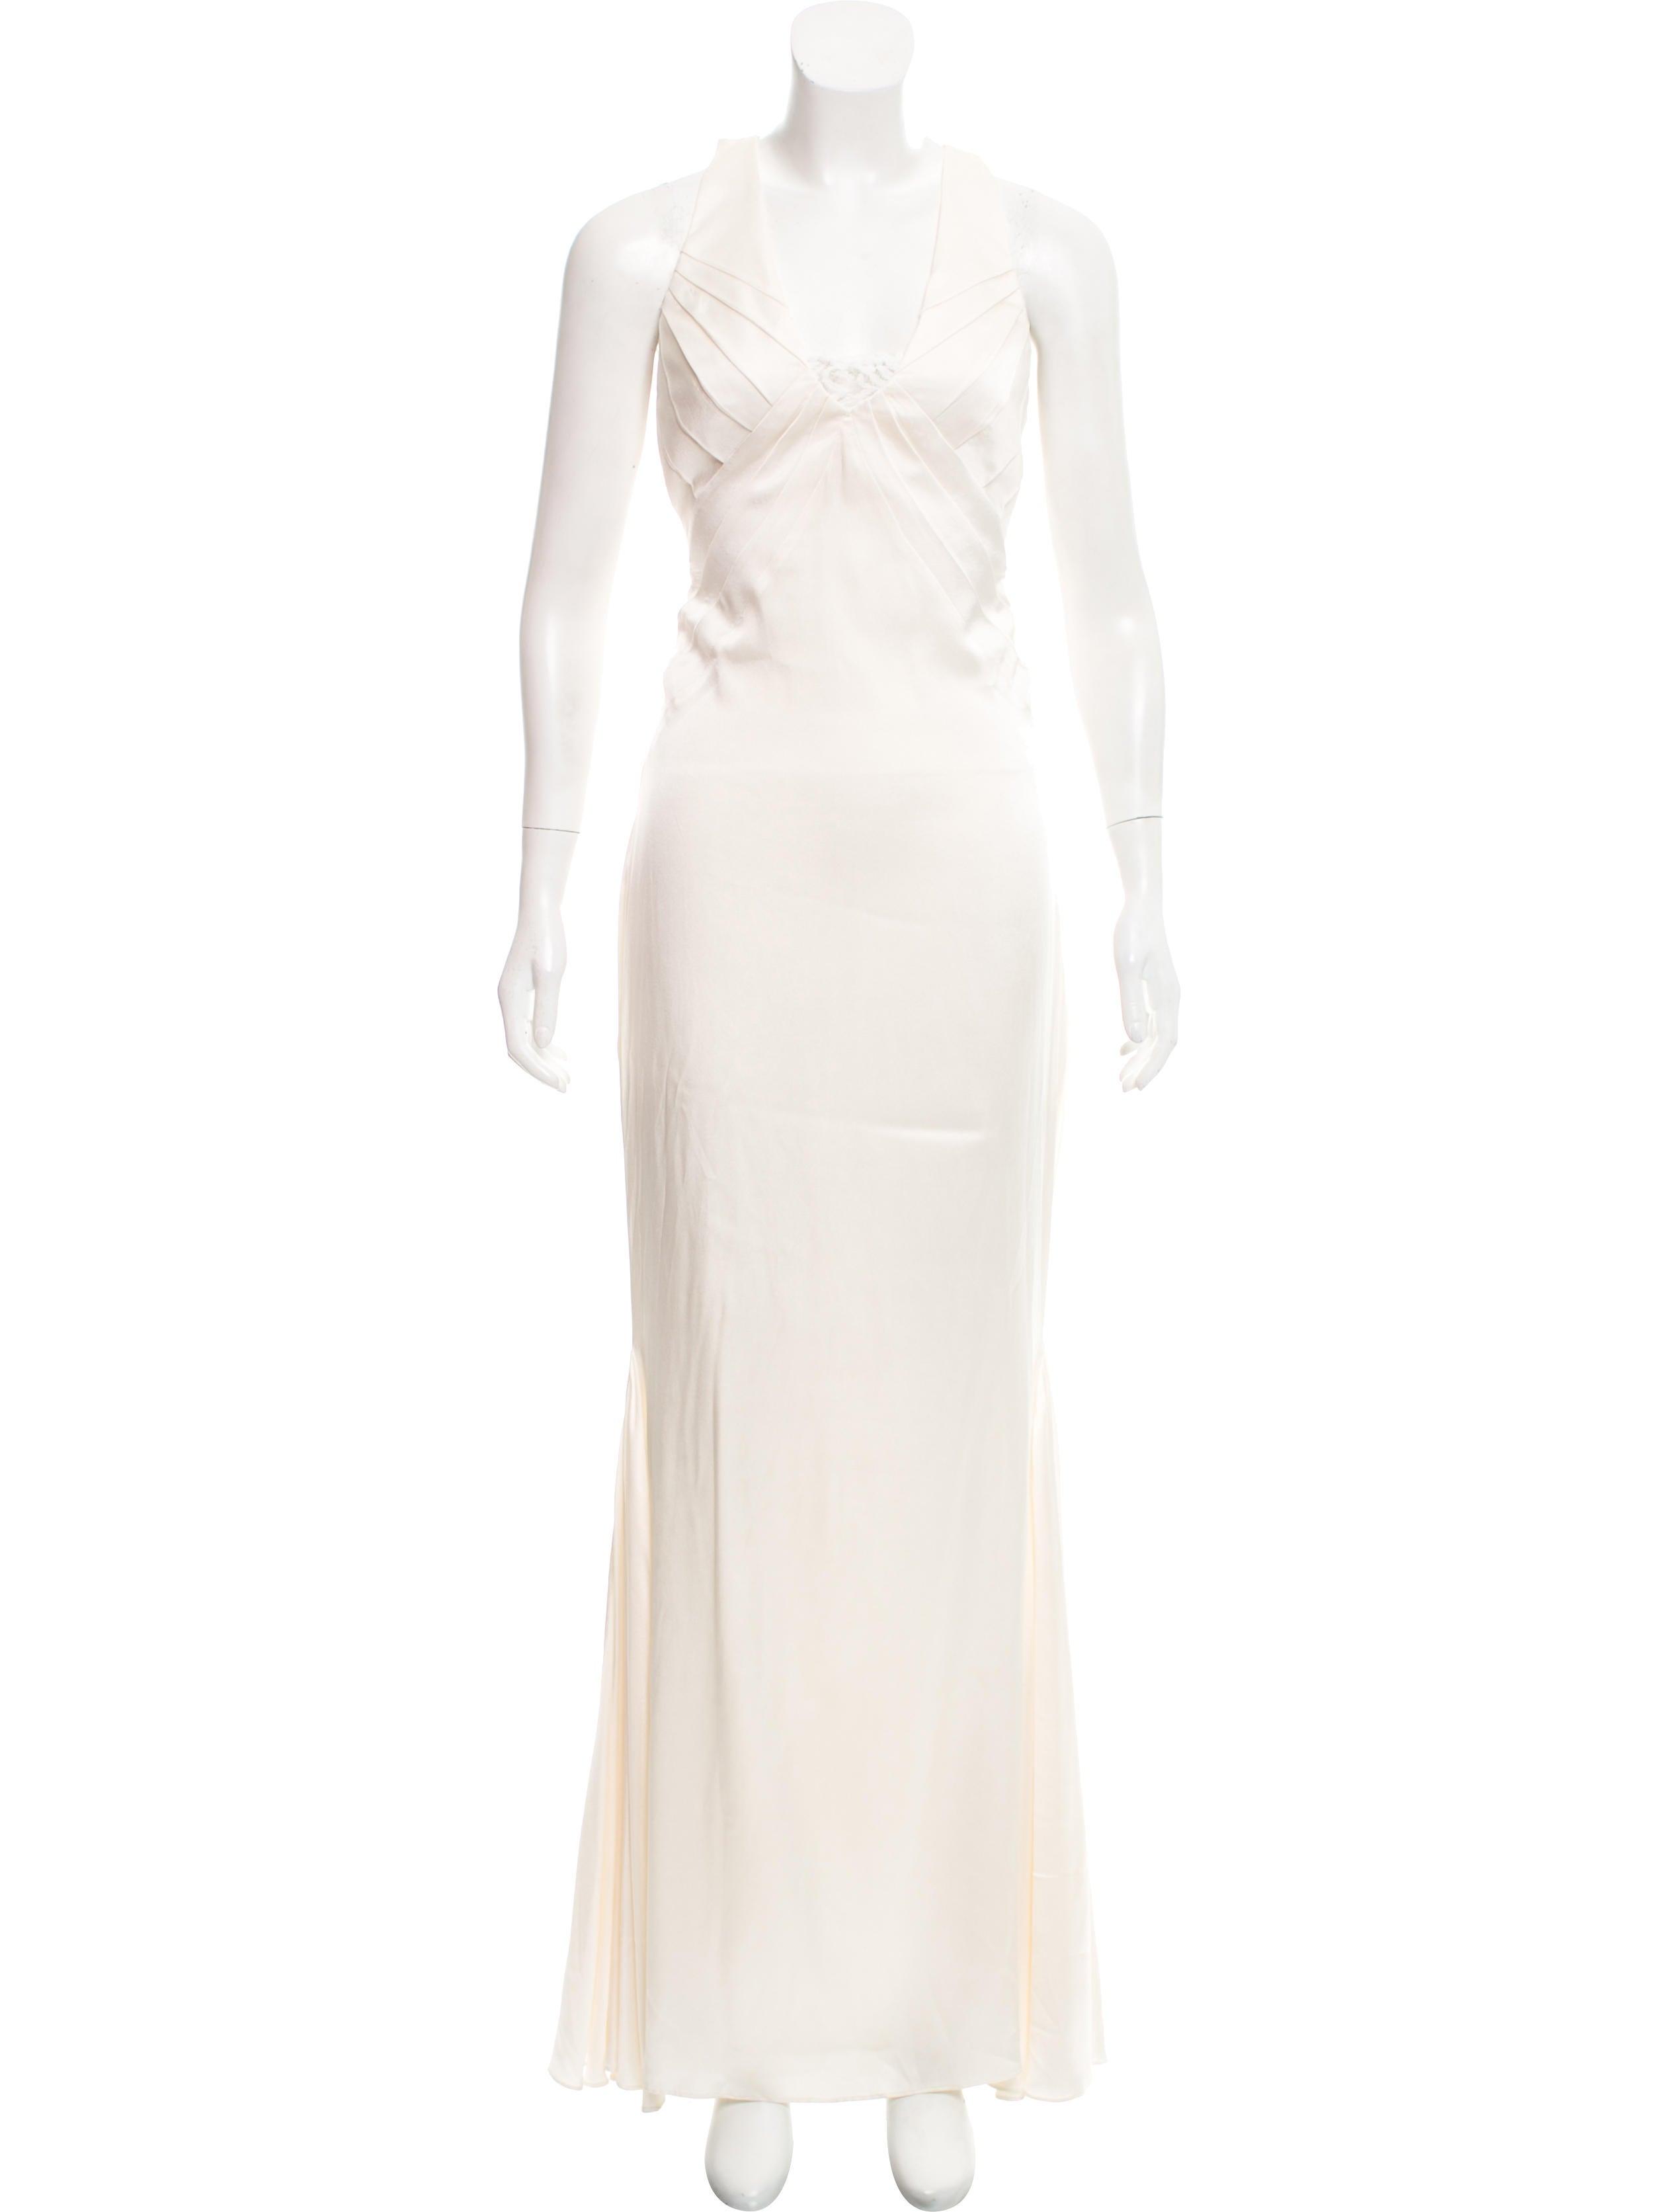 Z Spoke by Zac Posen Silk Evening Gown - Clothing - WZS21233 | The ...